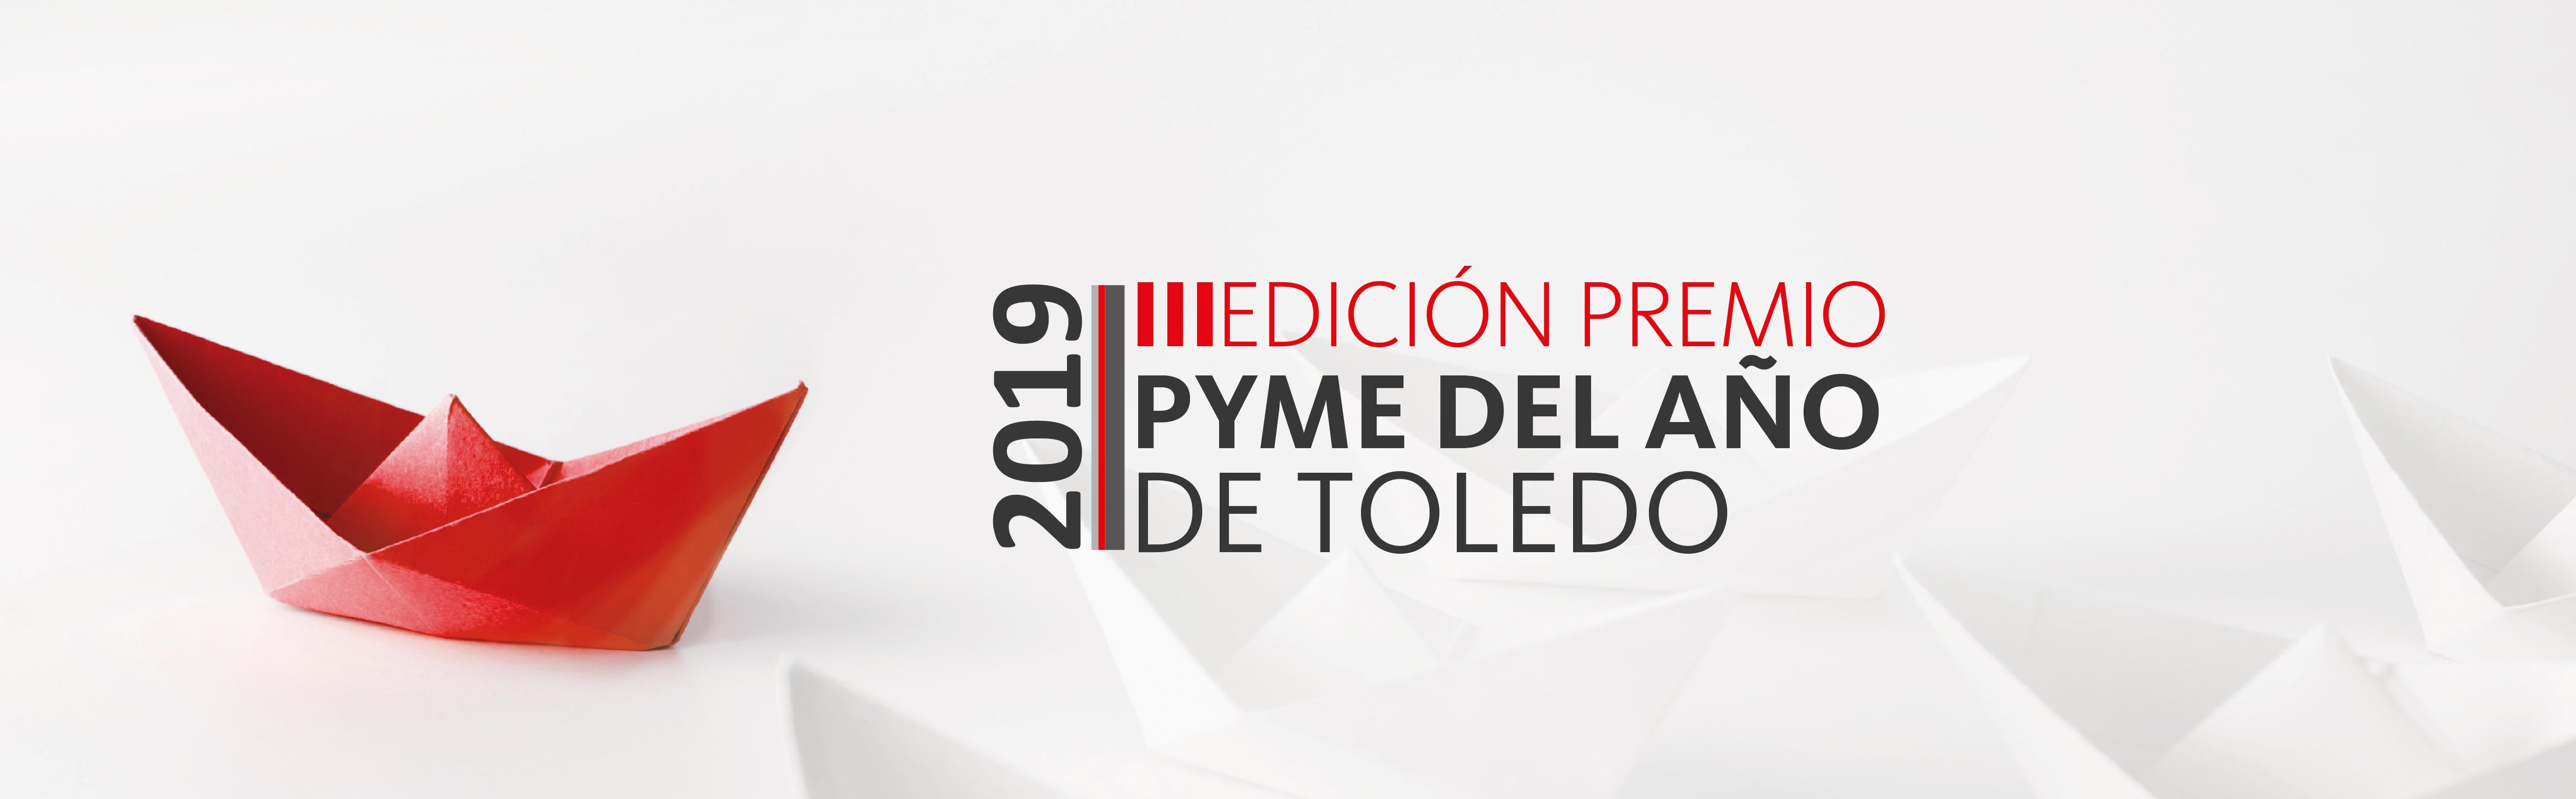 pyme 2019 toledo